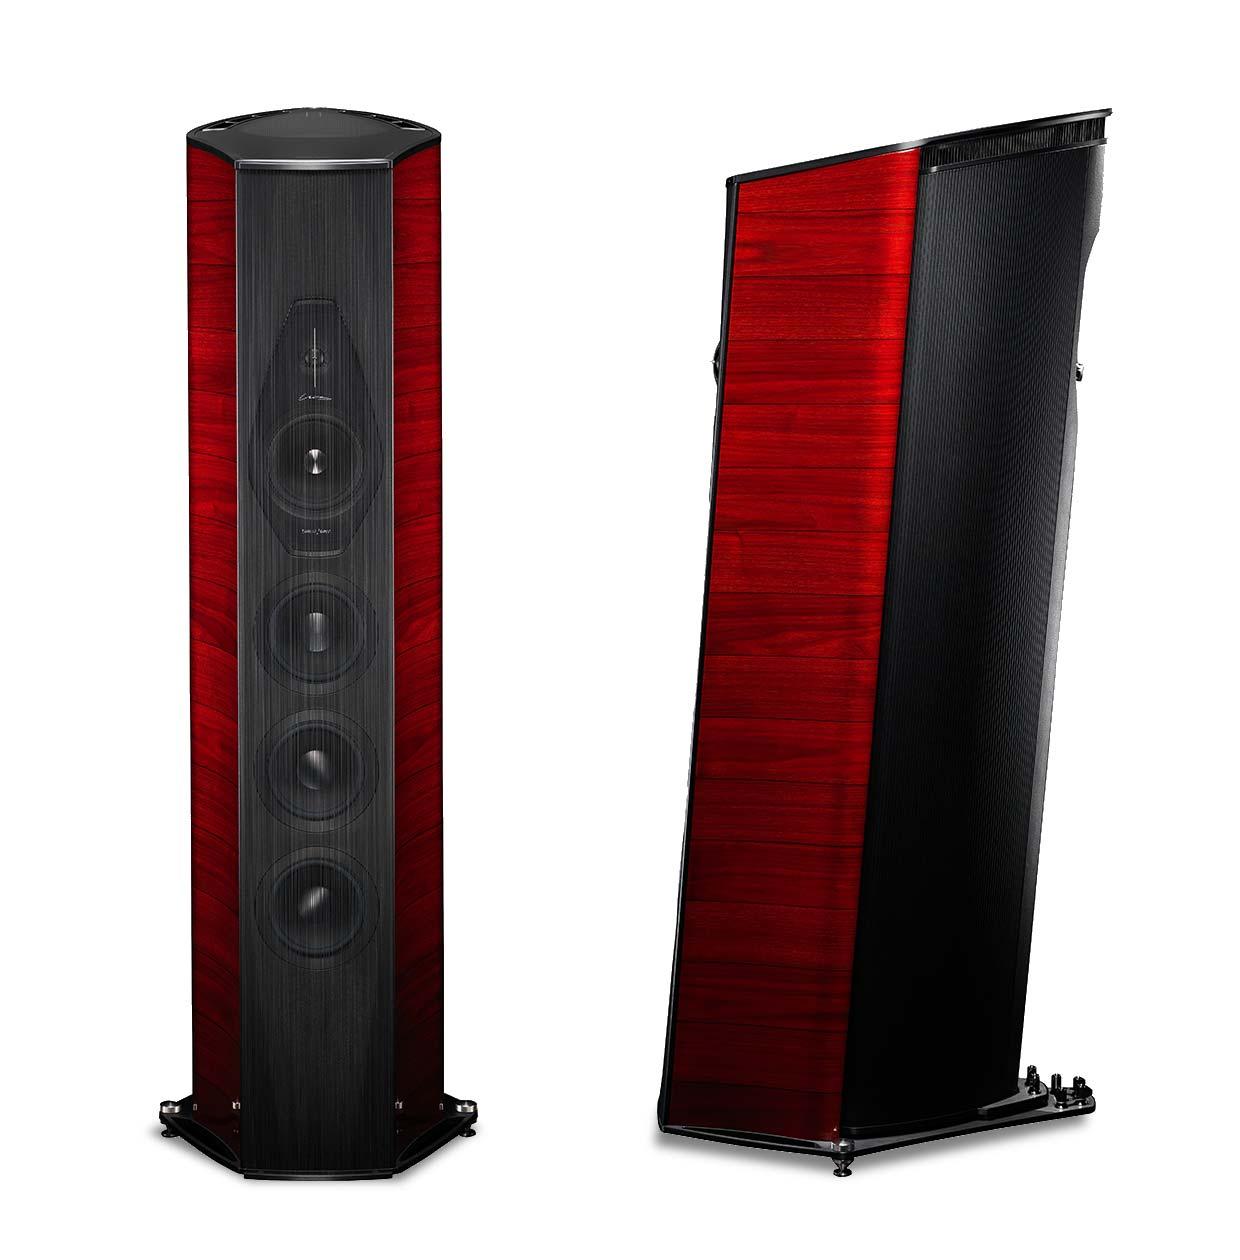 Lilium professional high quality audio loudspeakers